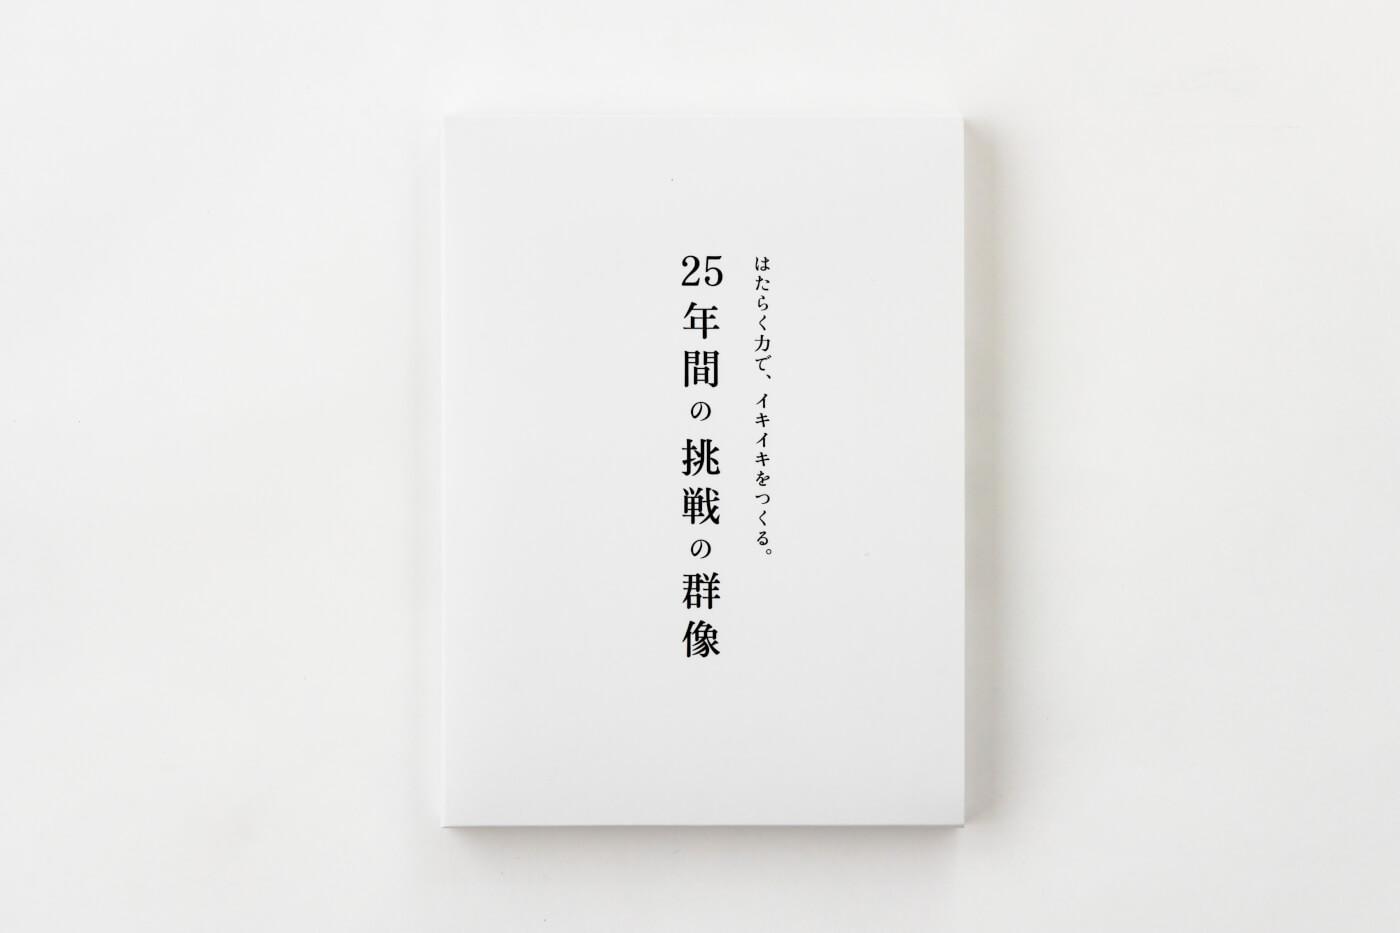 UTグループ株式会社 | 周年誌制作